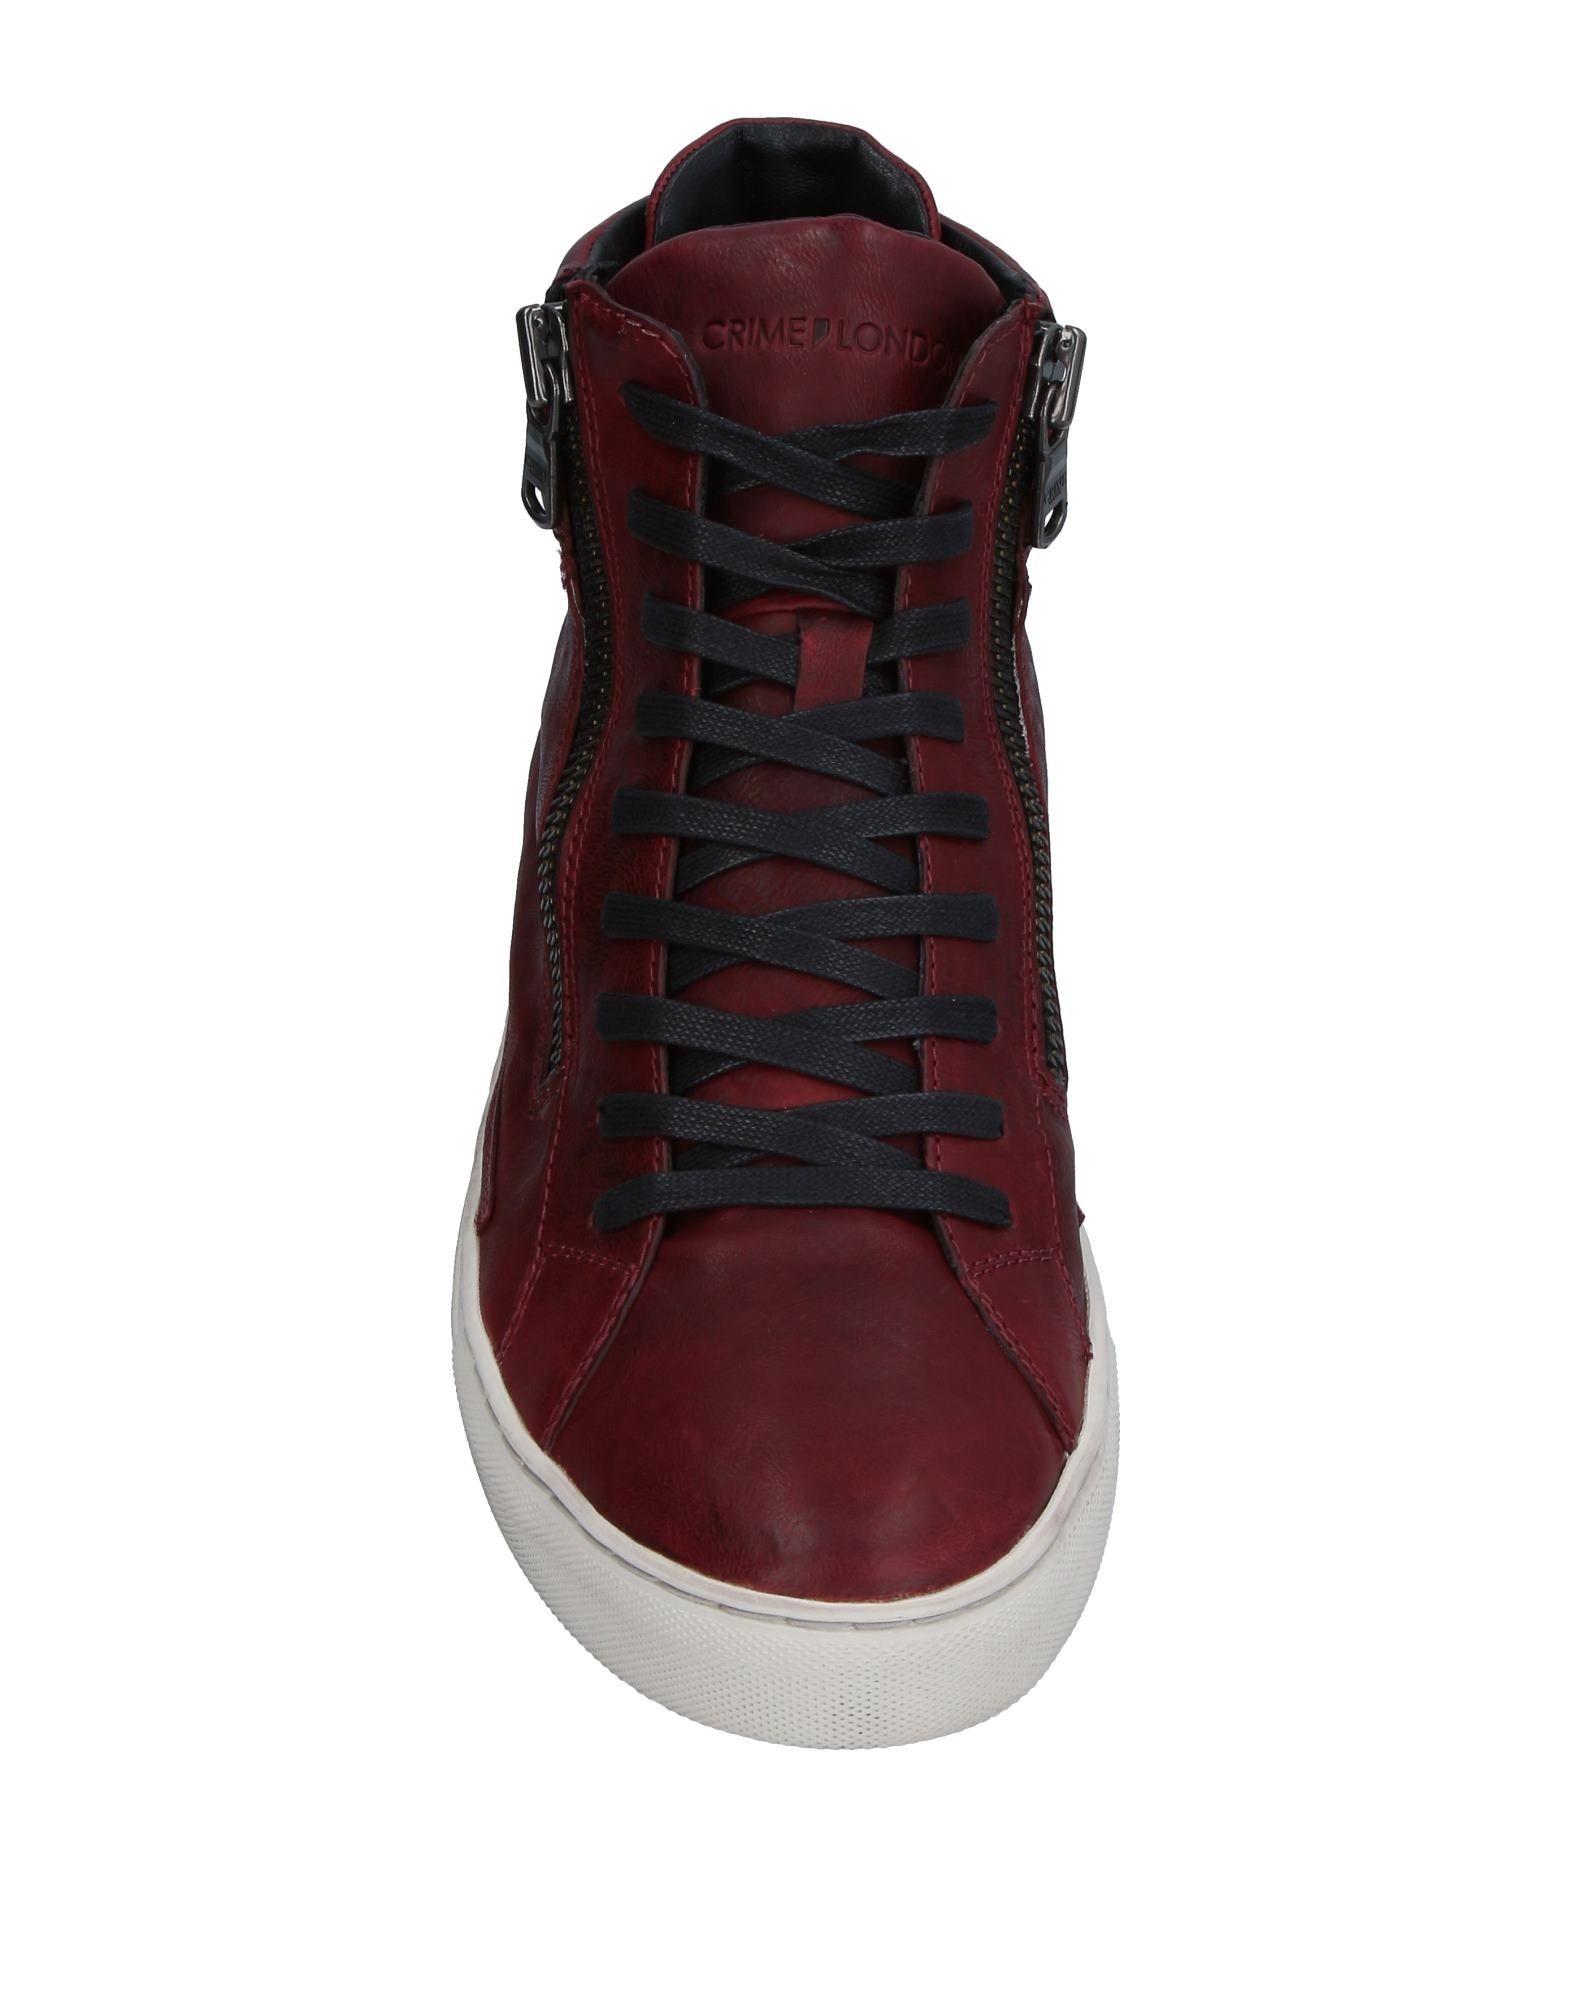 Rabatt echte Schuhe Herren Crime London Sneakers Herren Schuhe  11249989OL 0195d9